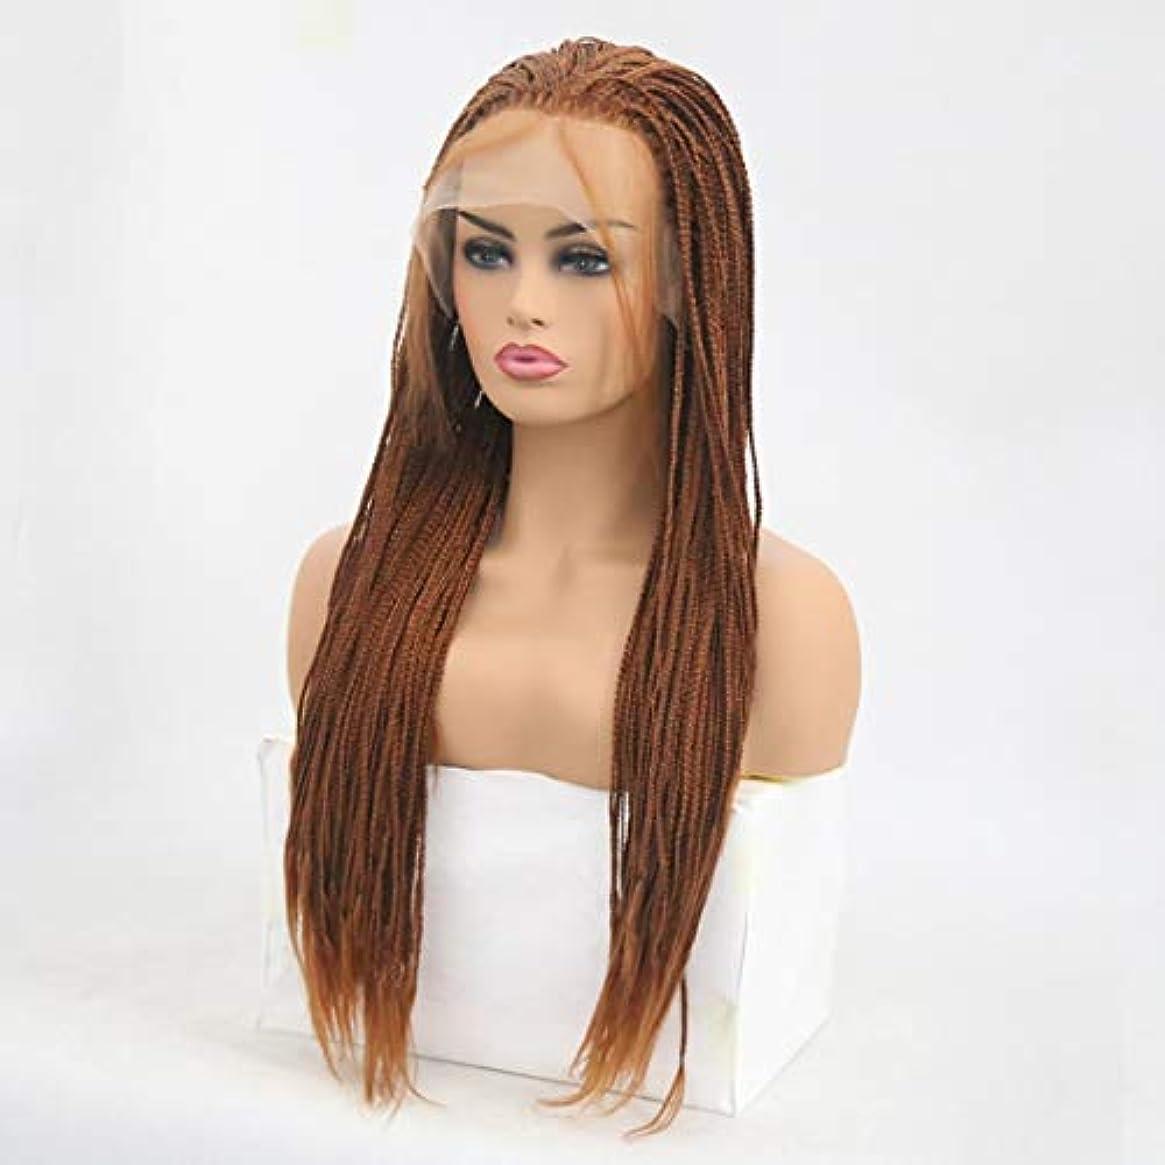 詳細にに対して測定Summerys 女性のための前髪の髪のかつらで絹のような長いストレート黒かつら耐熱合成かつら (Size : 24 inches)